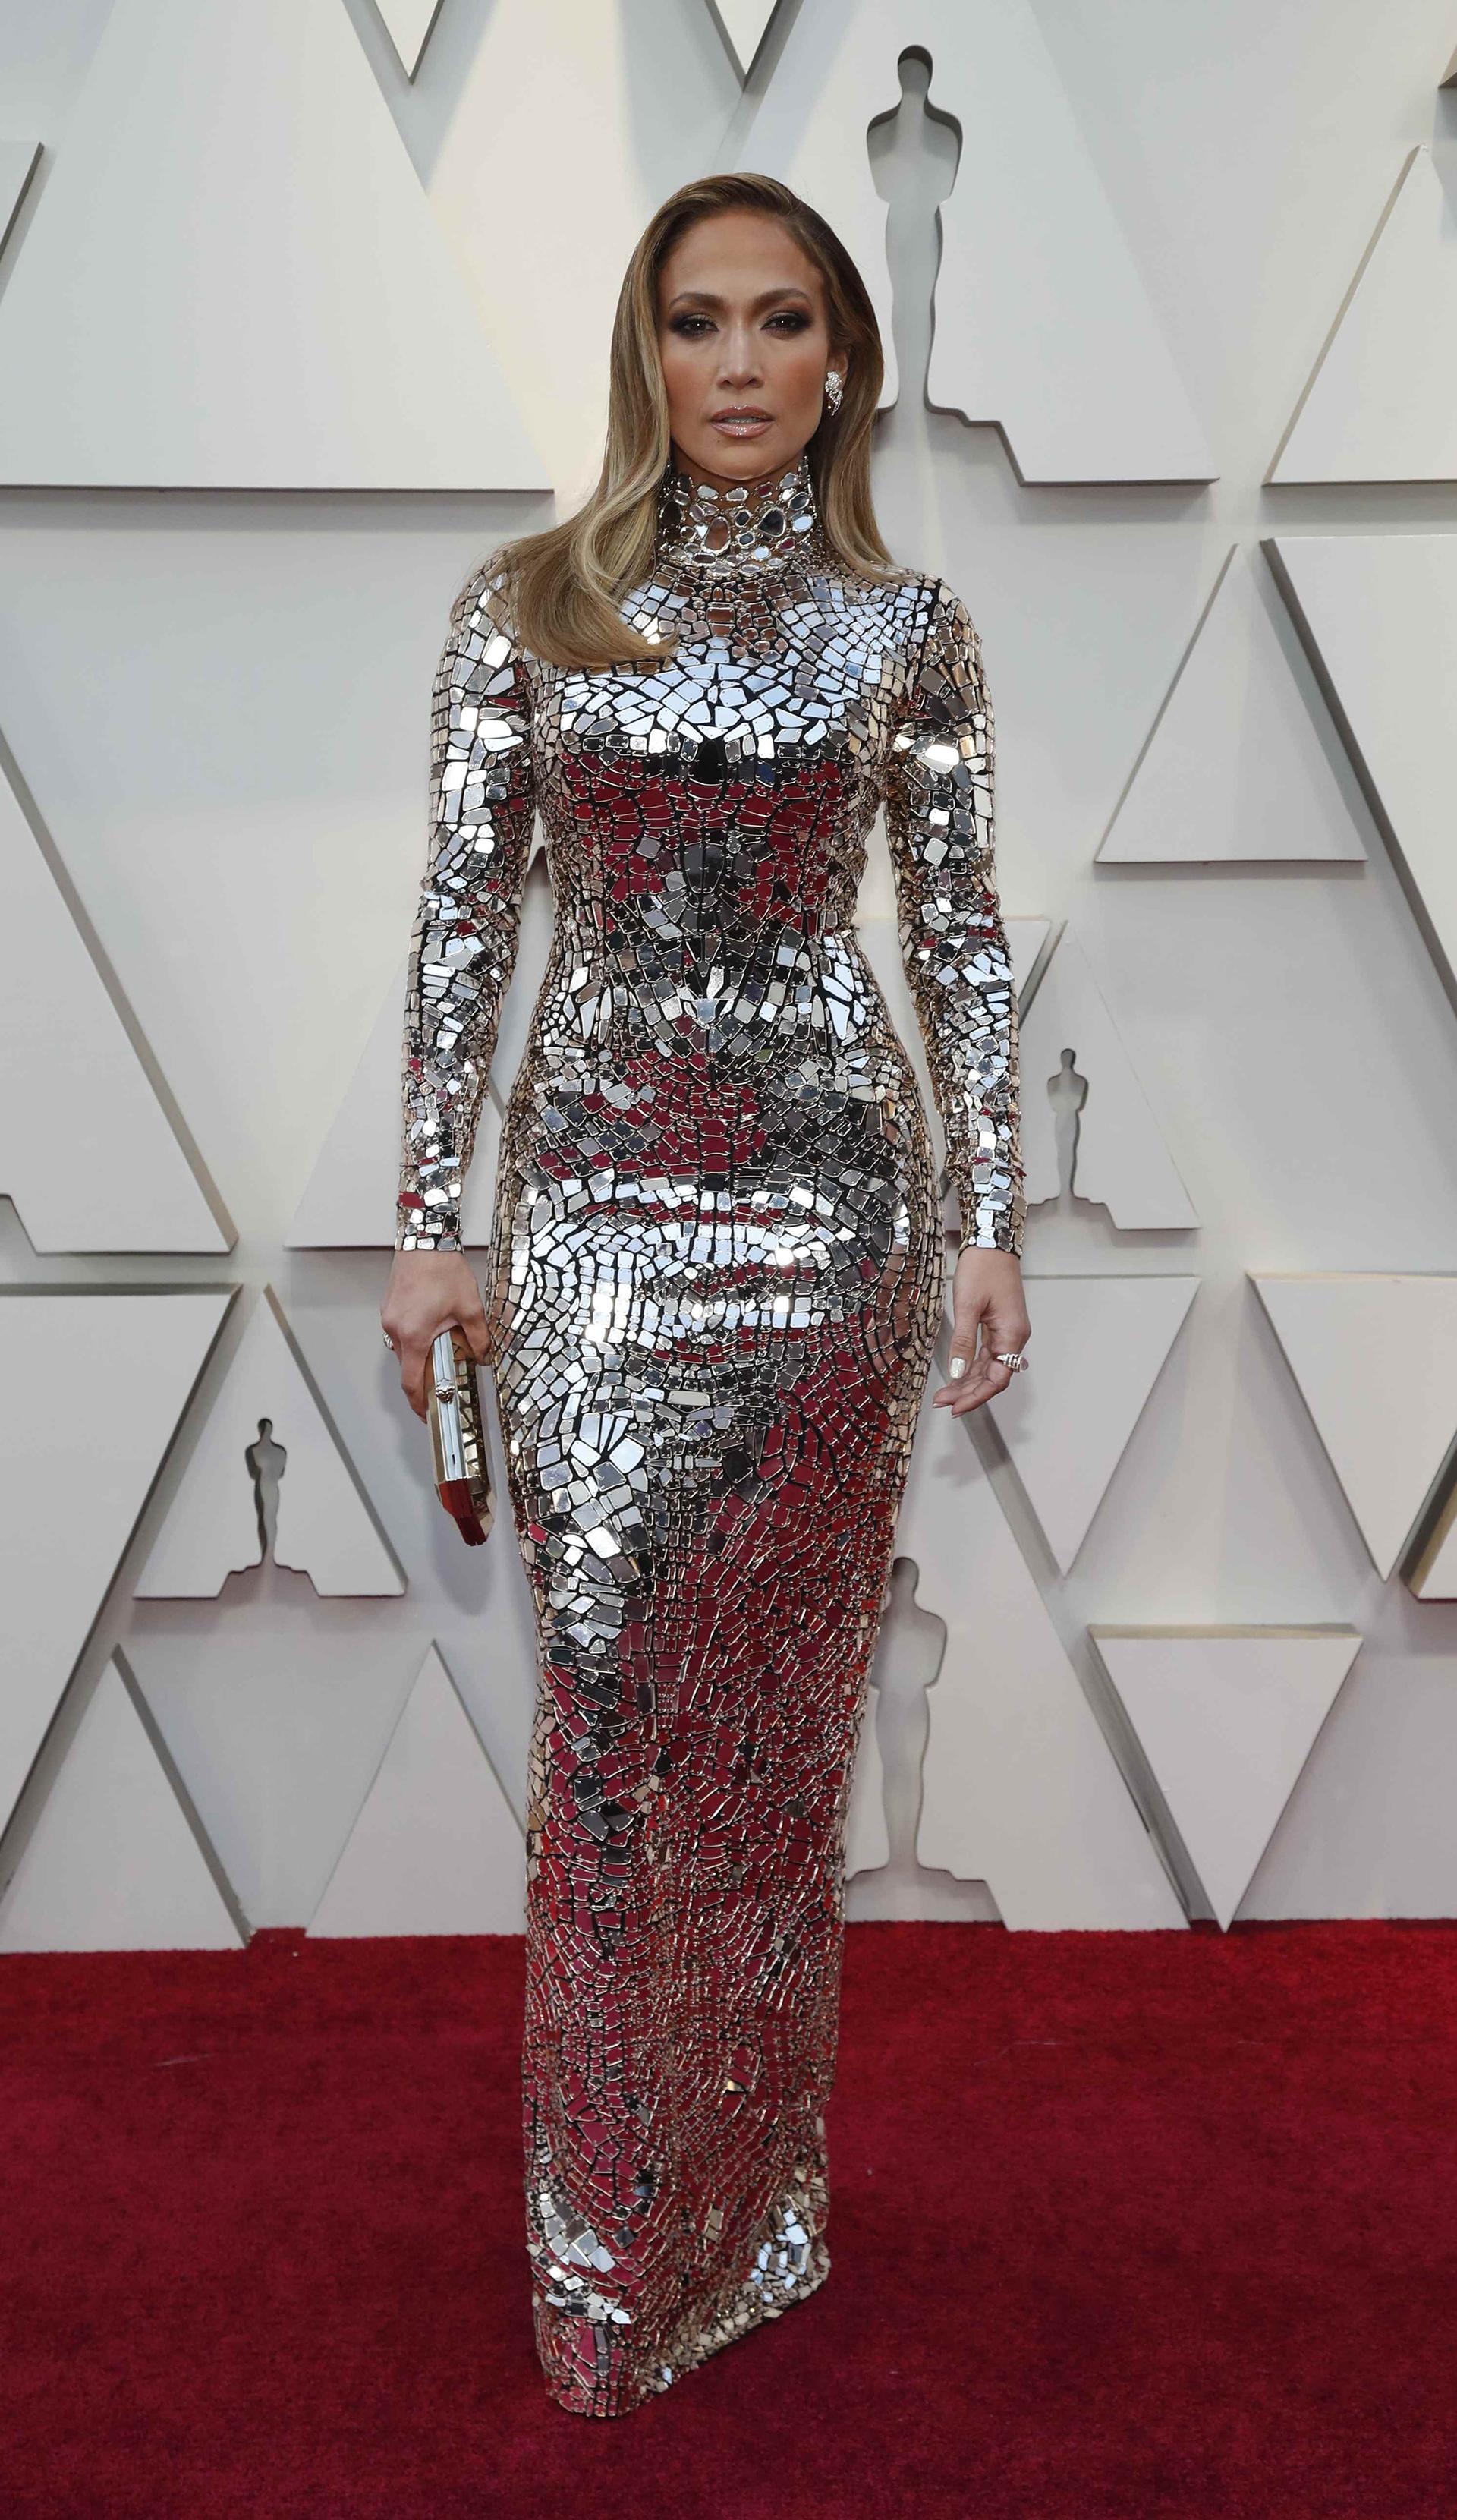 Jennifer Lopez enfundada en un vestido sirena con mangas largas y cuello polera de piedras plateadas. Completó el look con clutch rígido a tono y aros clip. Su beauty look, cabello lacio hacia un costado, smokey eyes y labios nude